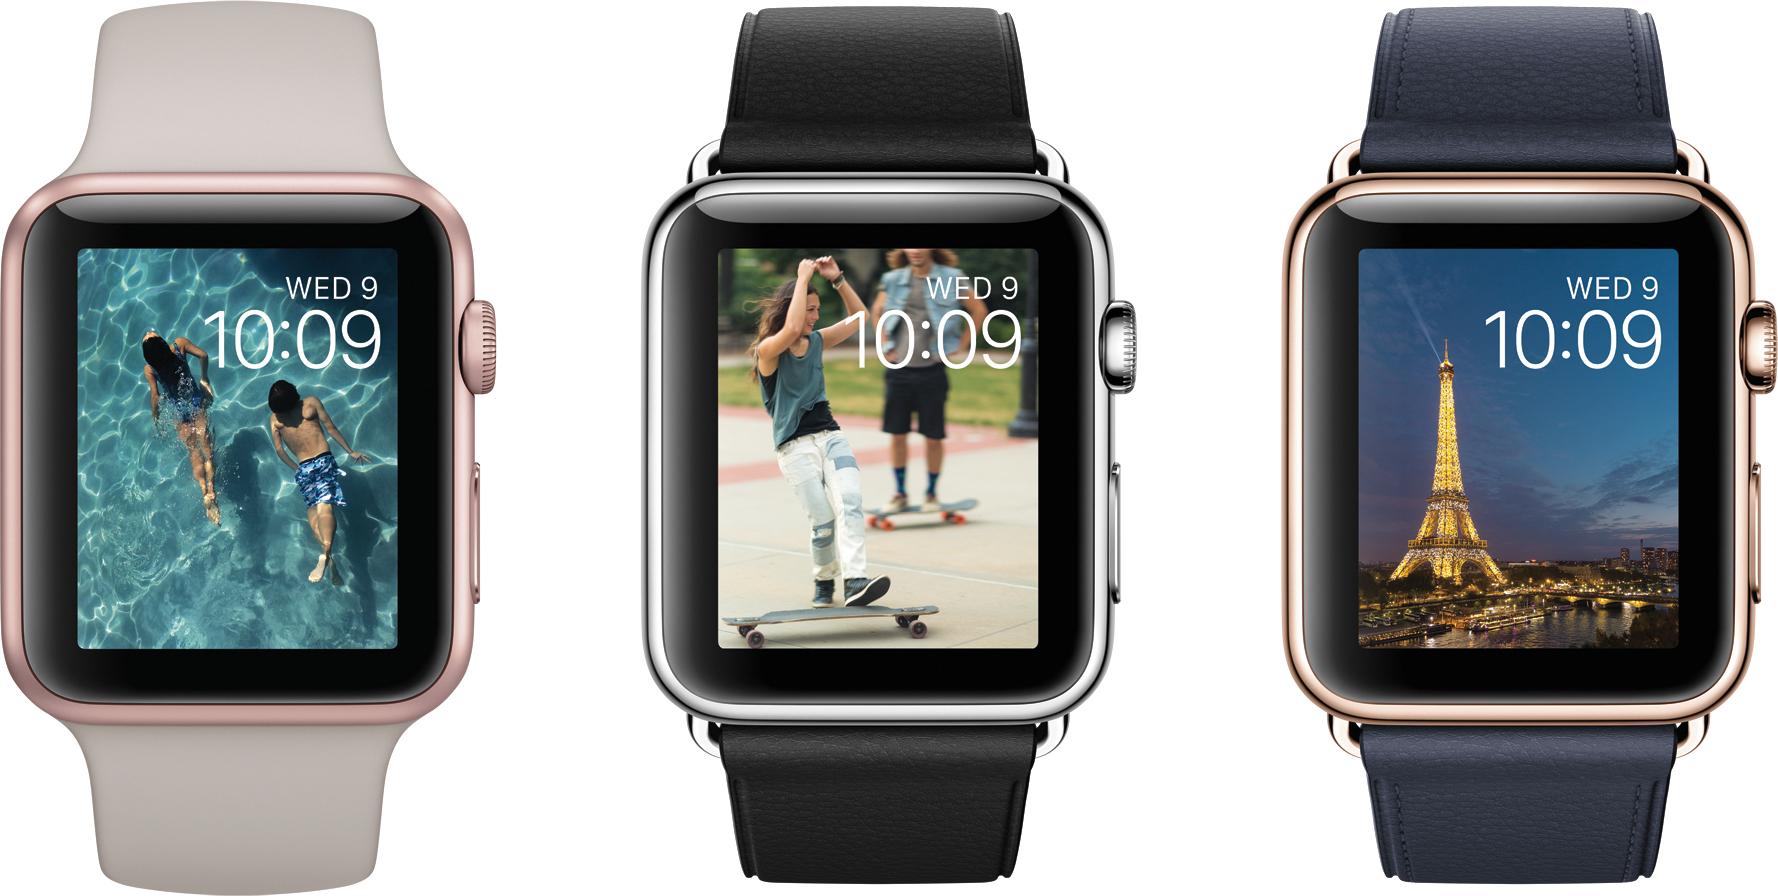 Novos mostradores do watchOS 2 em Apple Watches variados